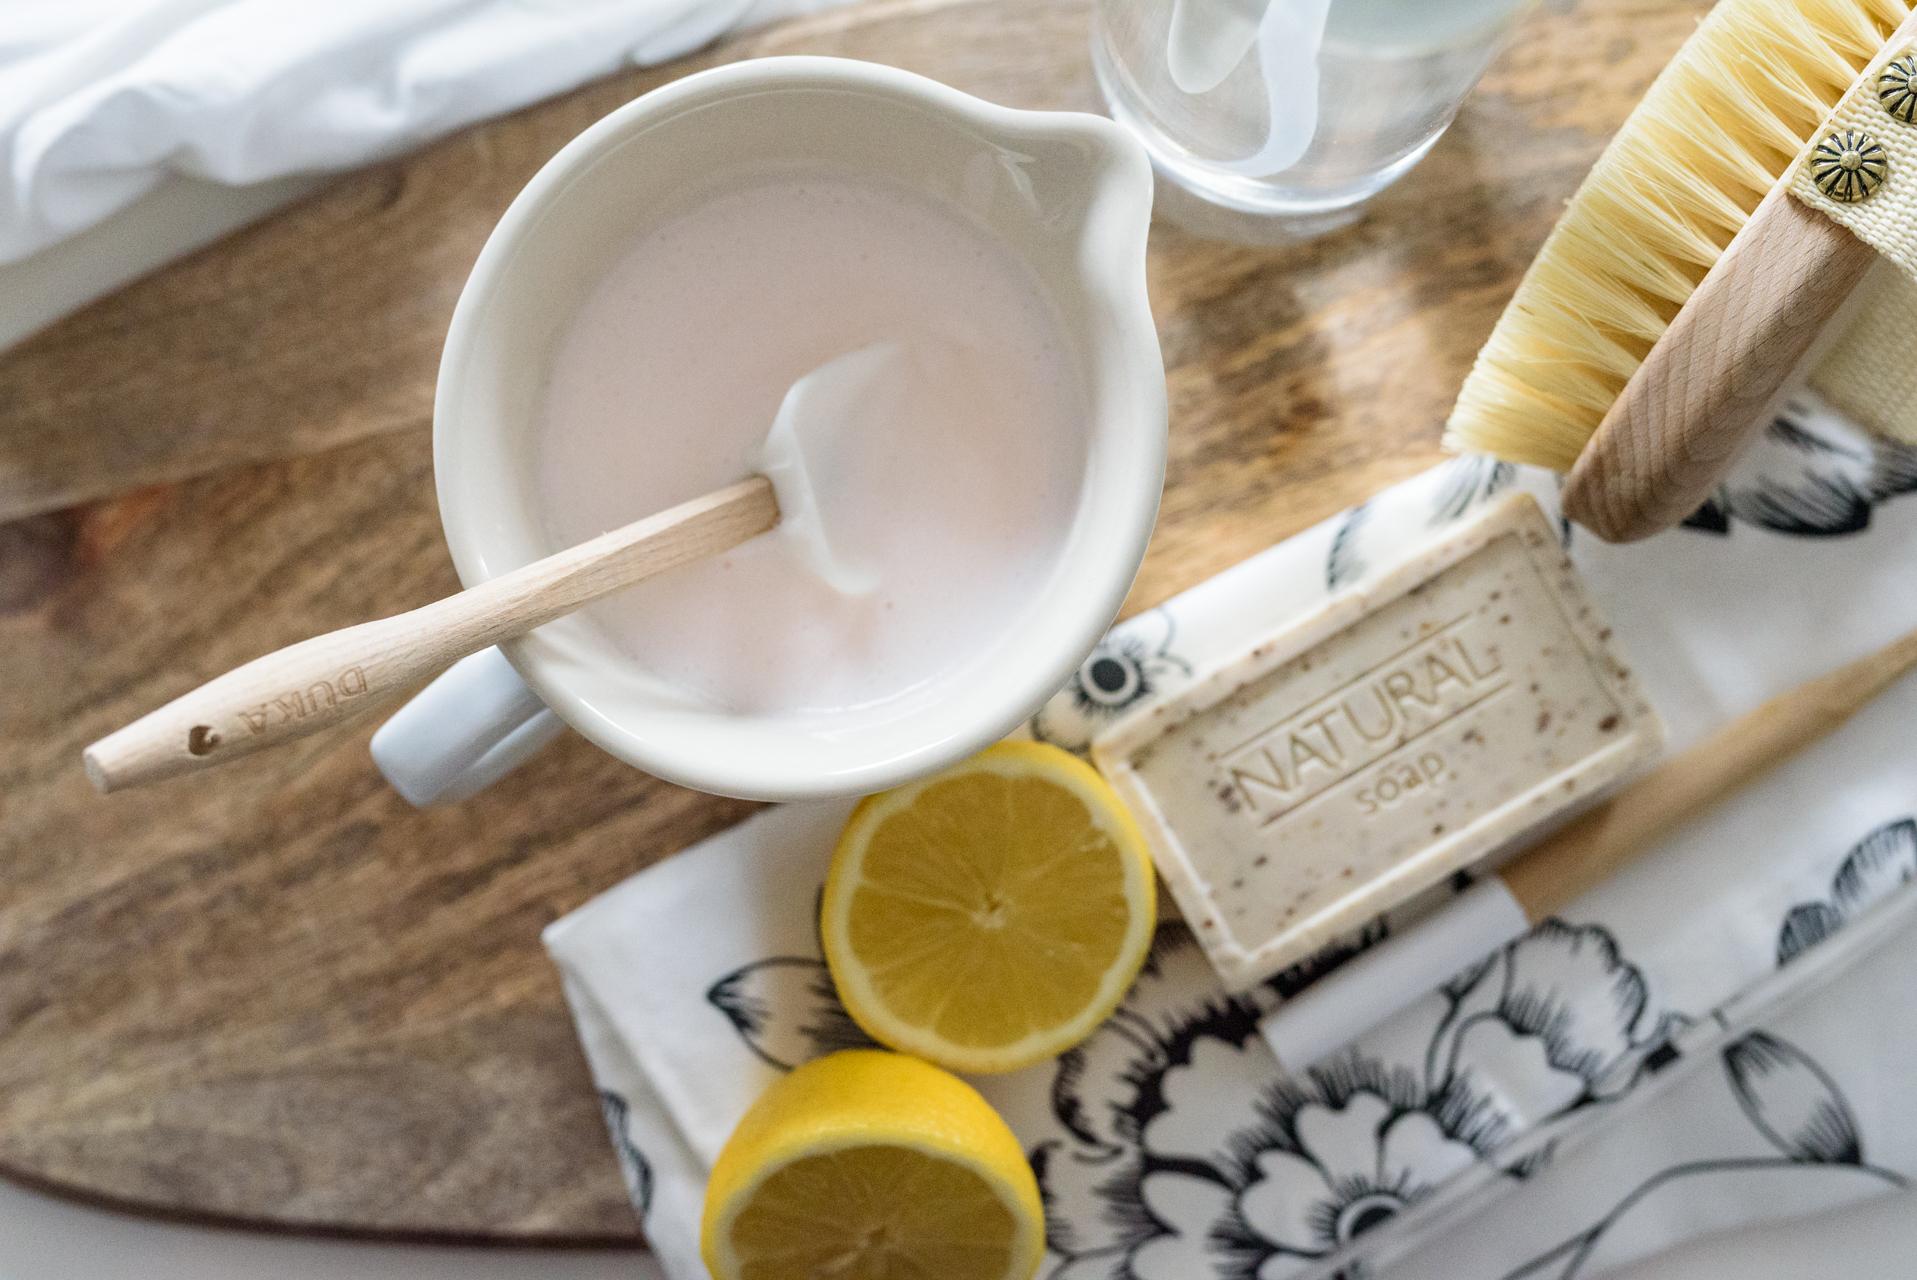 zrób sam mleczko do czyszczenia z sody, ekosprzątanie